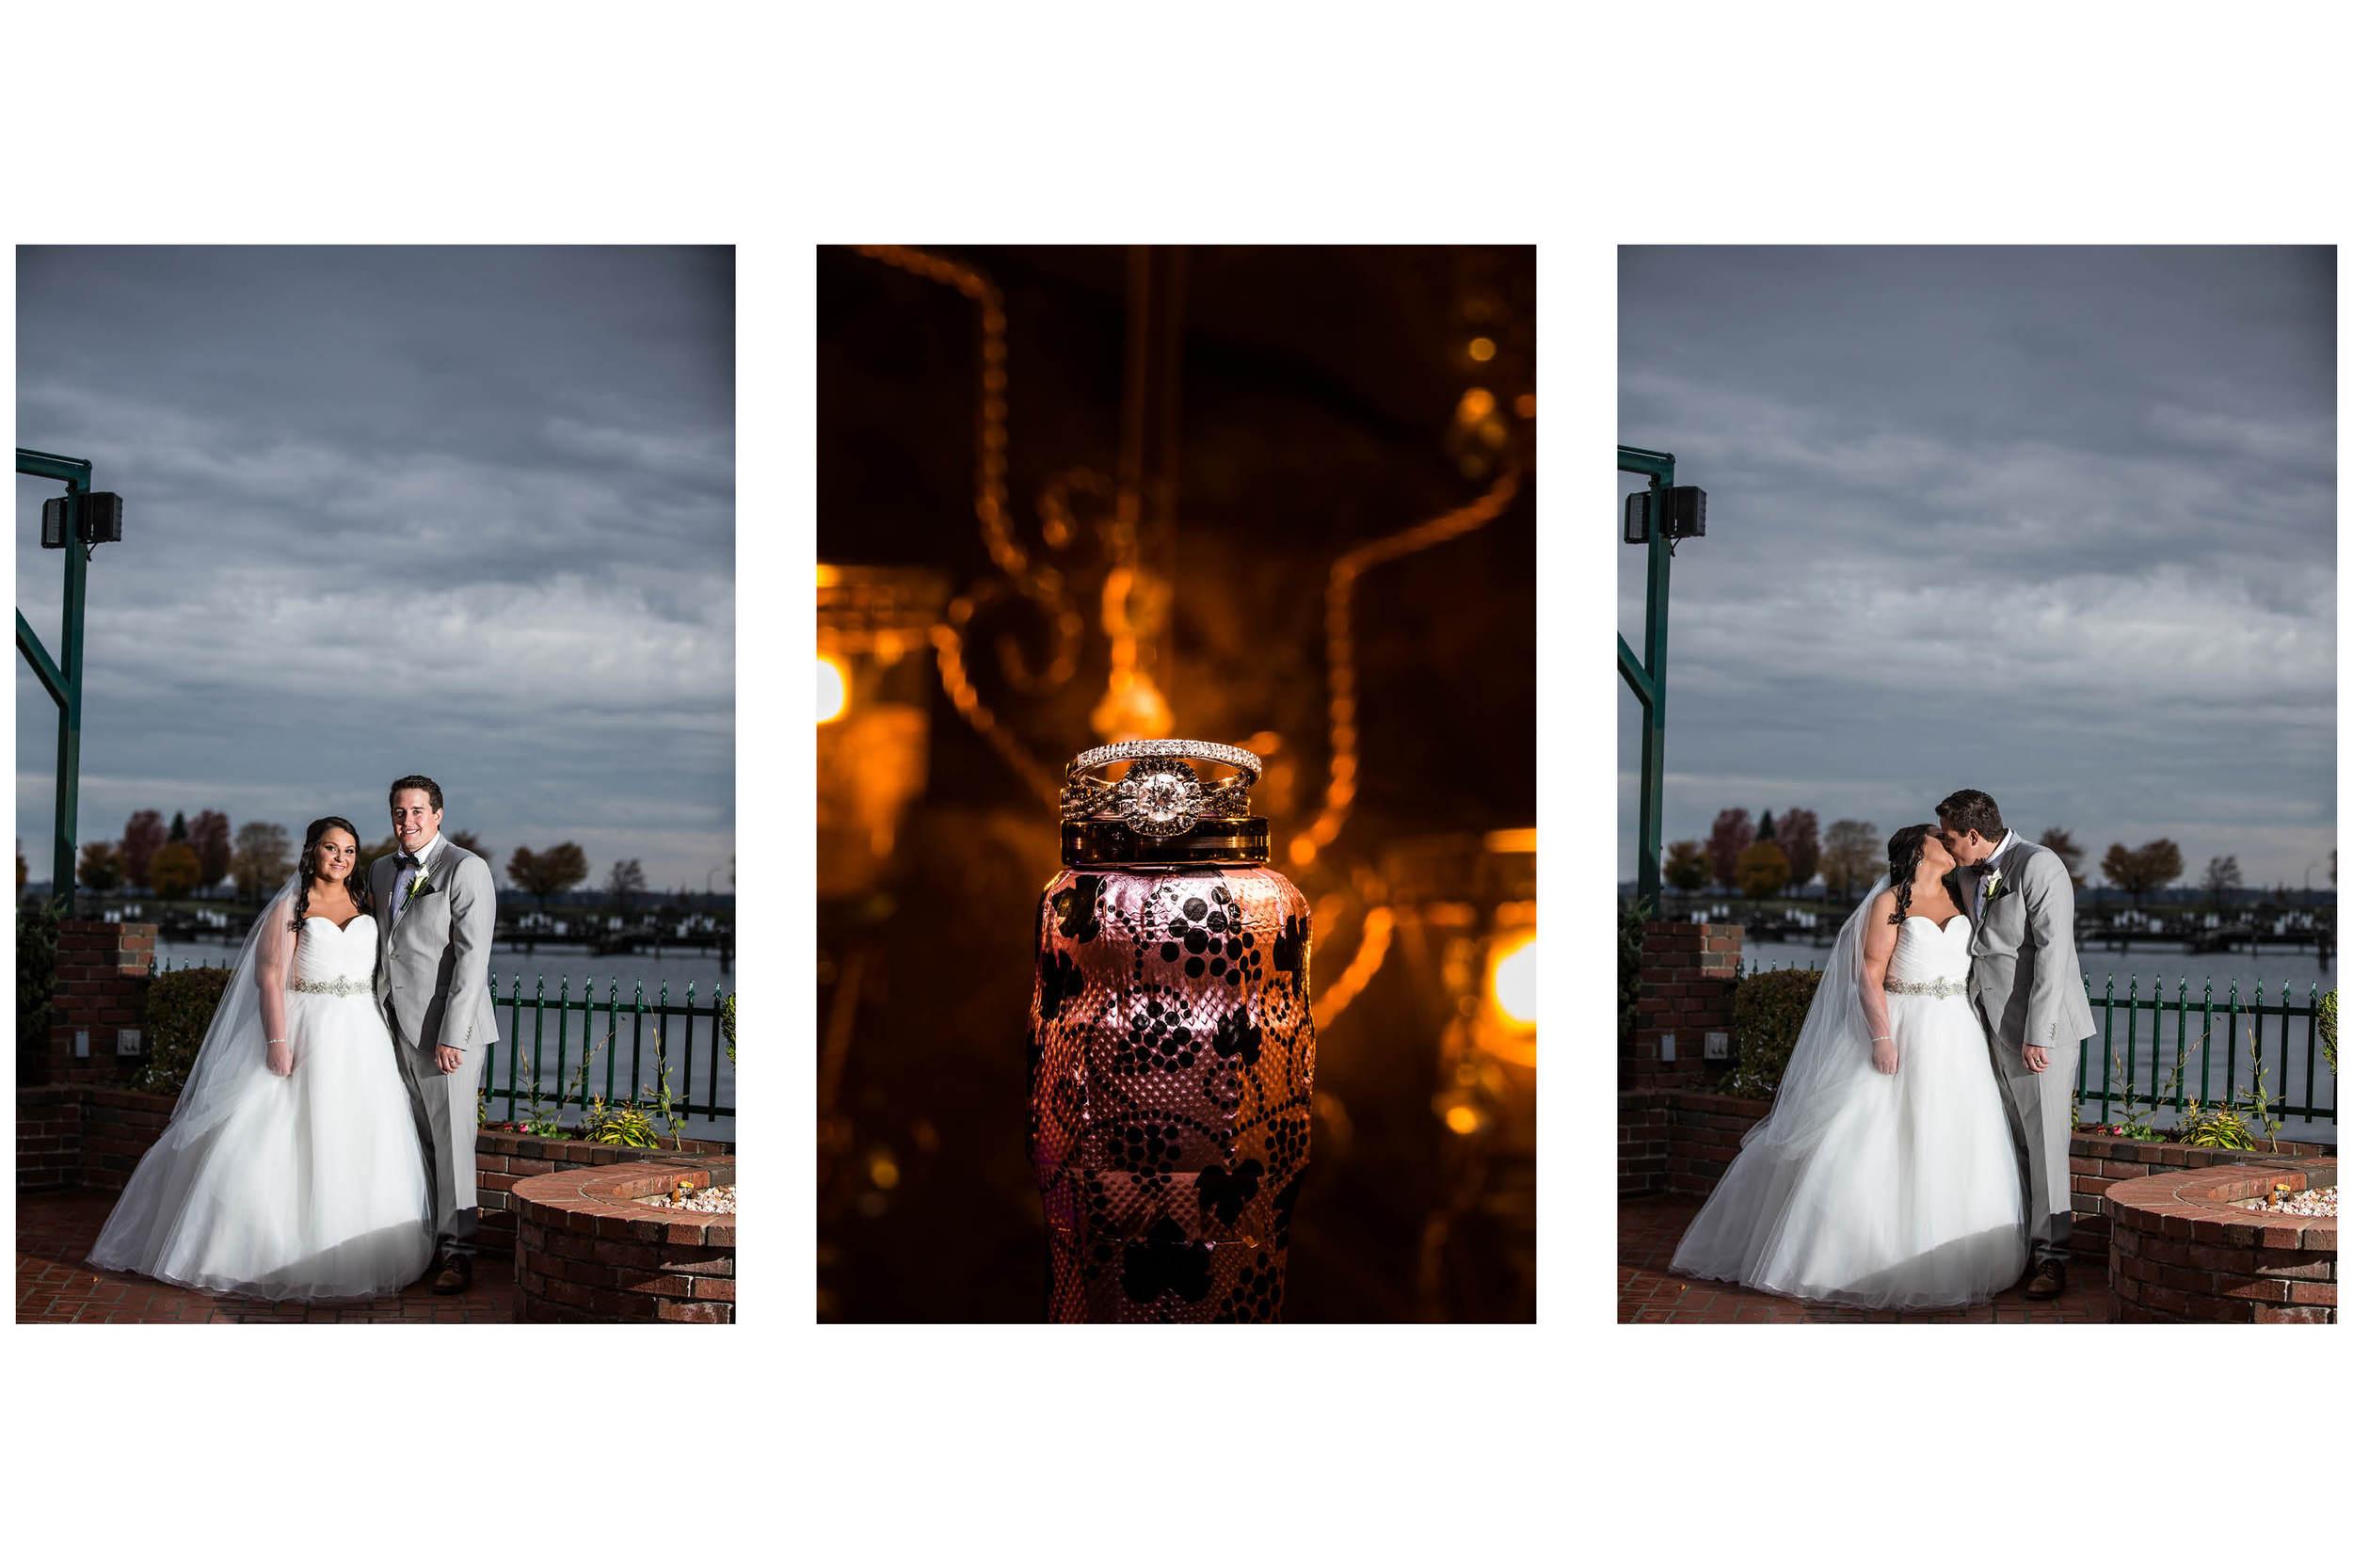 bride and groom14.jpg